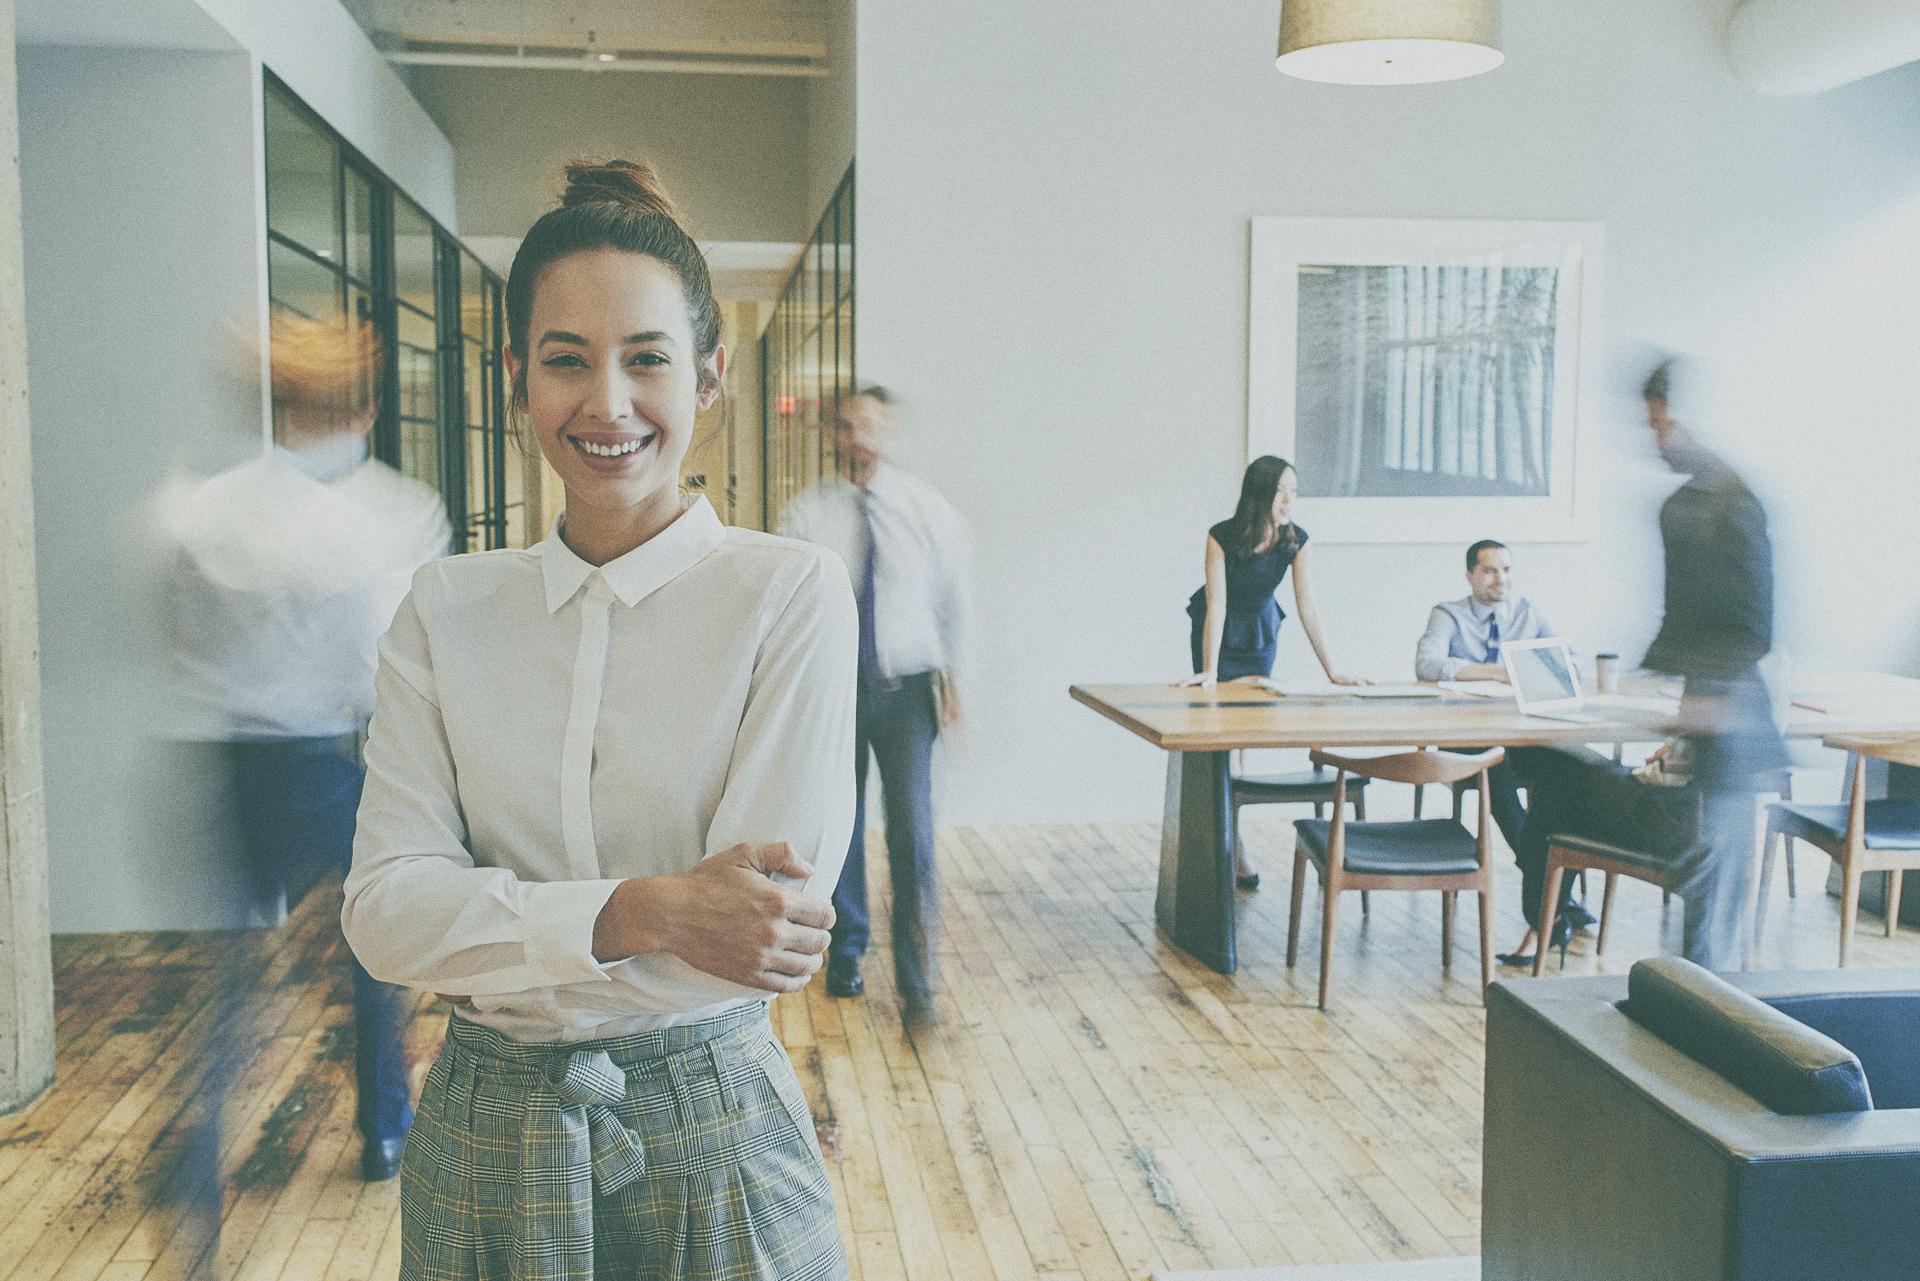 Gestor financeiro: como ser um bom líder e desenvolver a equipe?